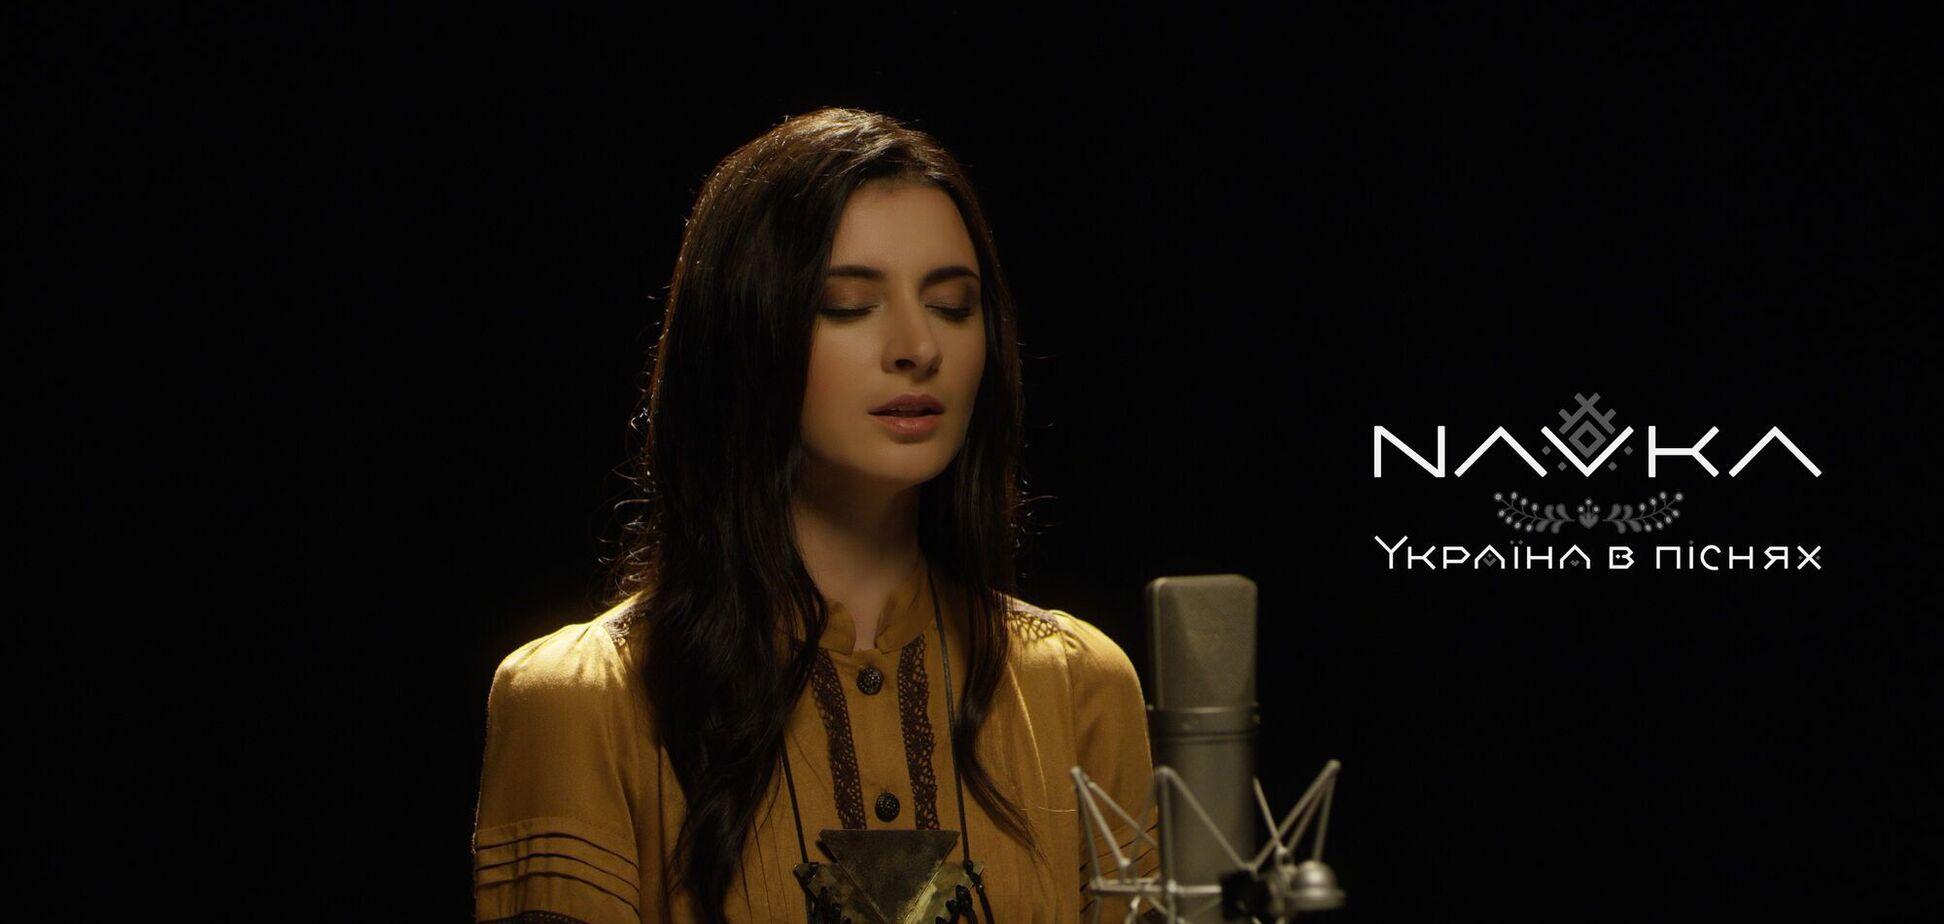 Певица NAVKA